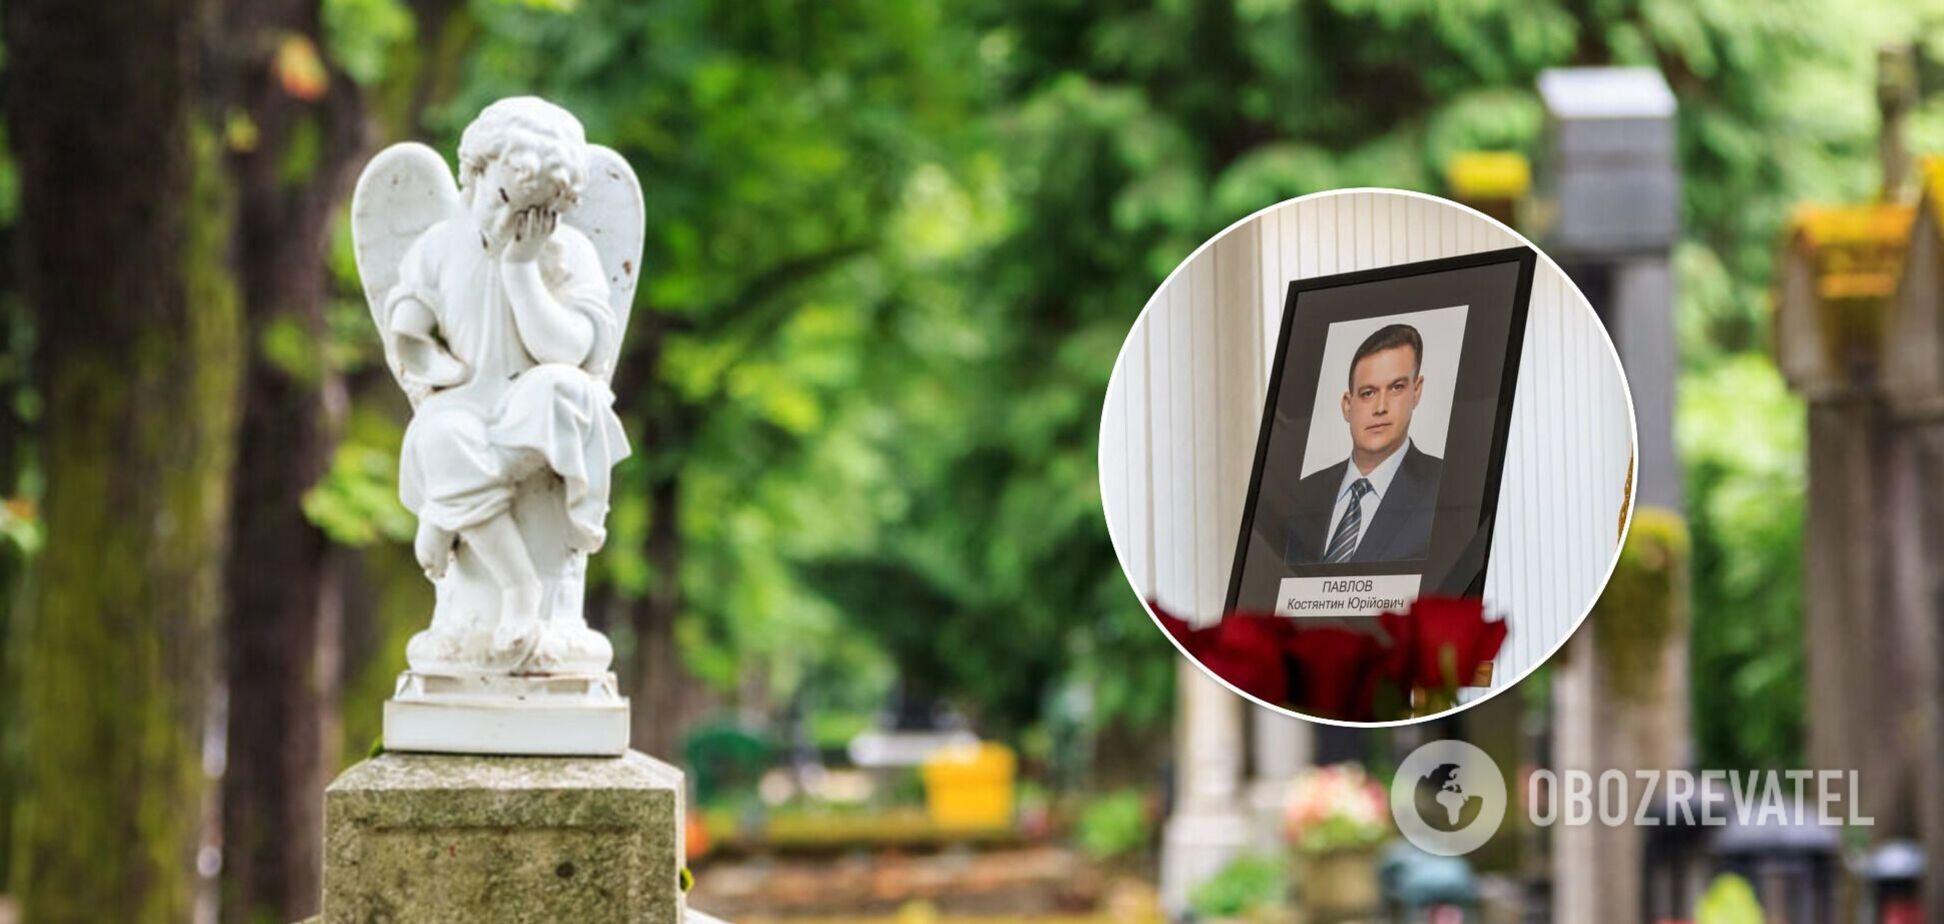 Павлова поховають на Центральному кладовищі